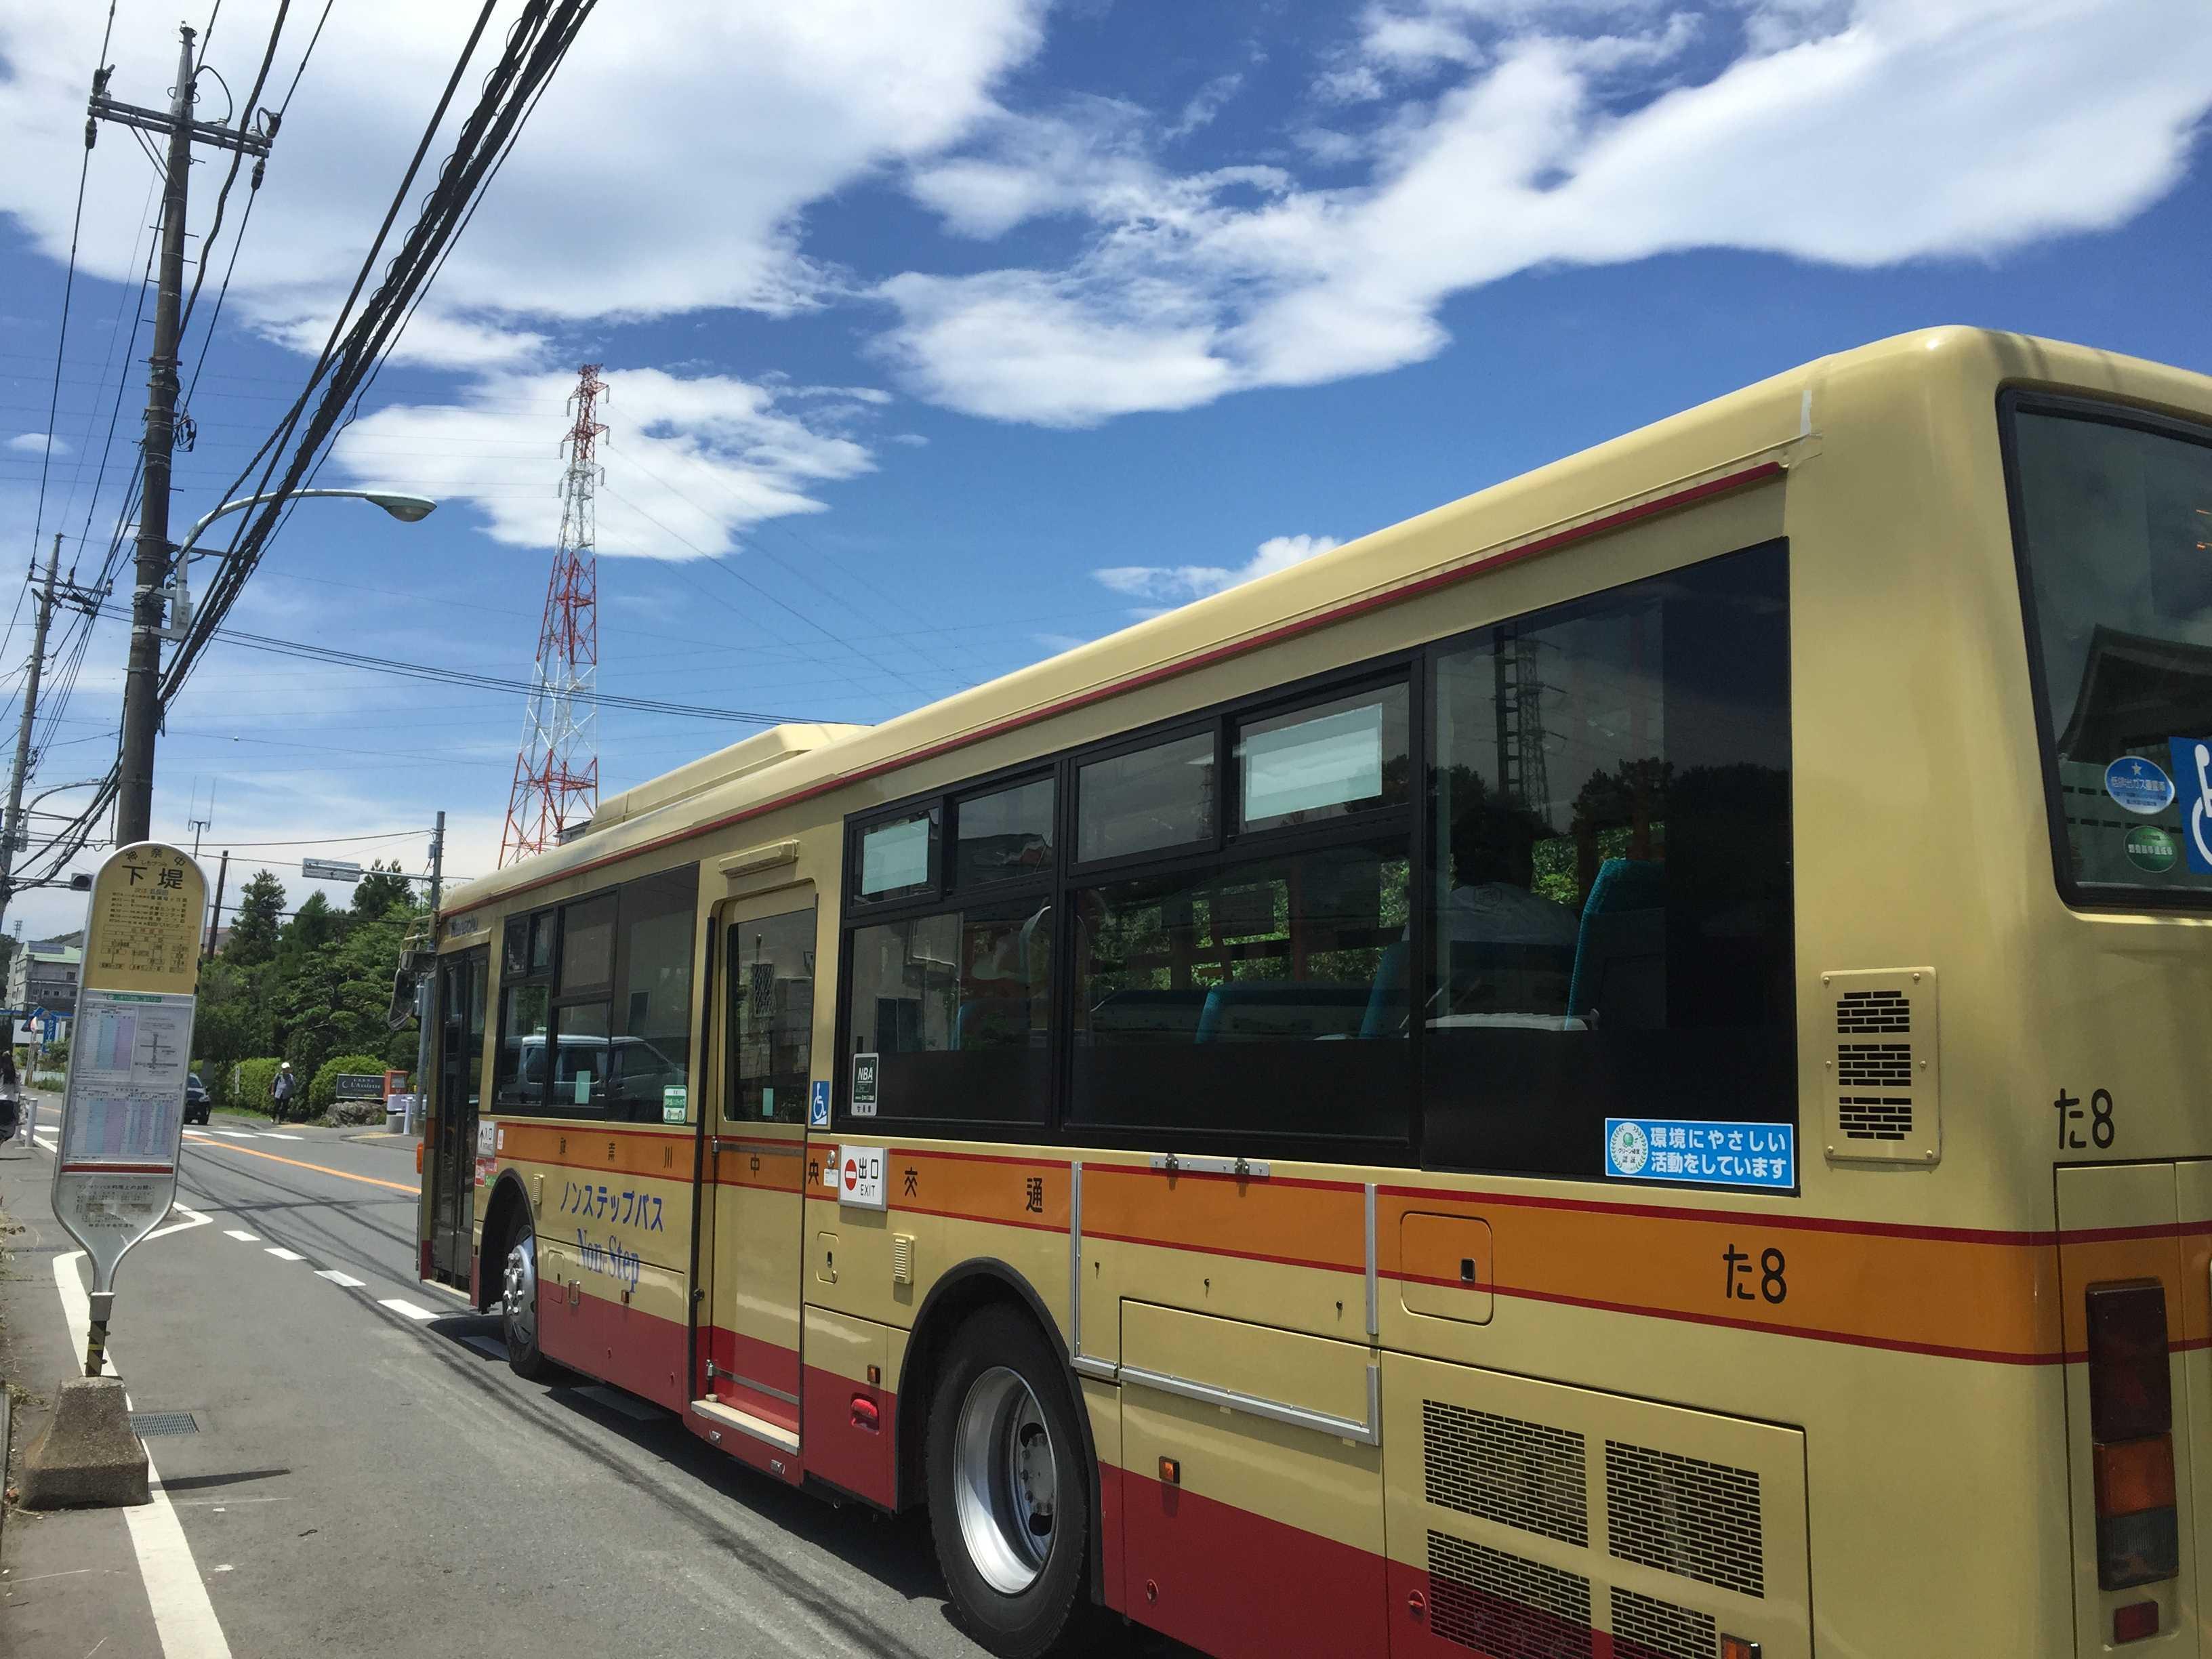 バス停「下堤」 - 町田市小野路球場前